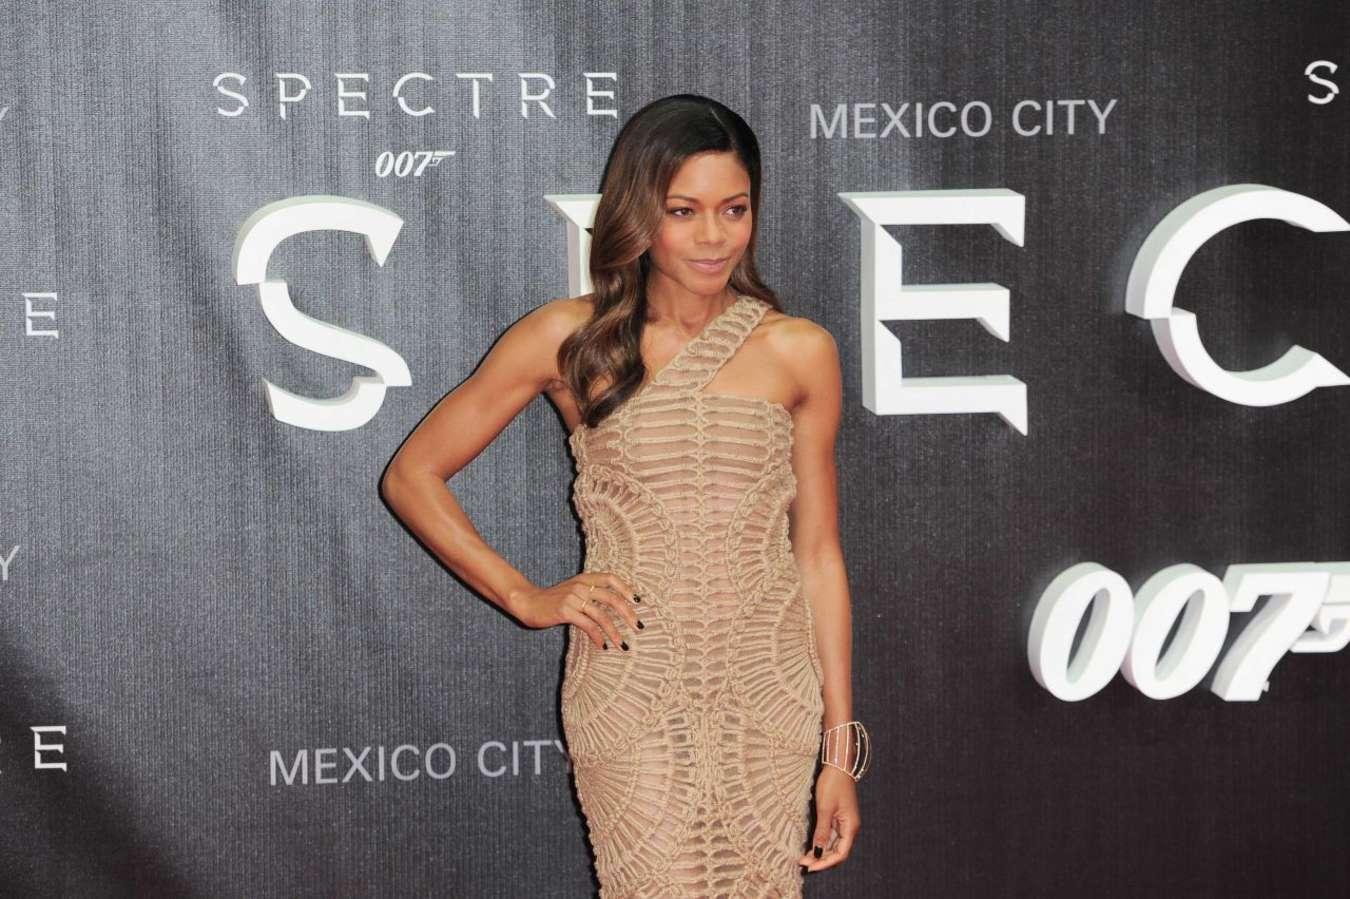 Naomi Harris Spectre Premiere in Mexico City